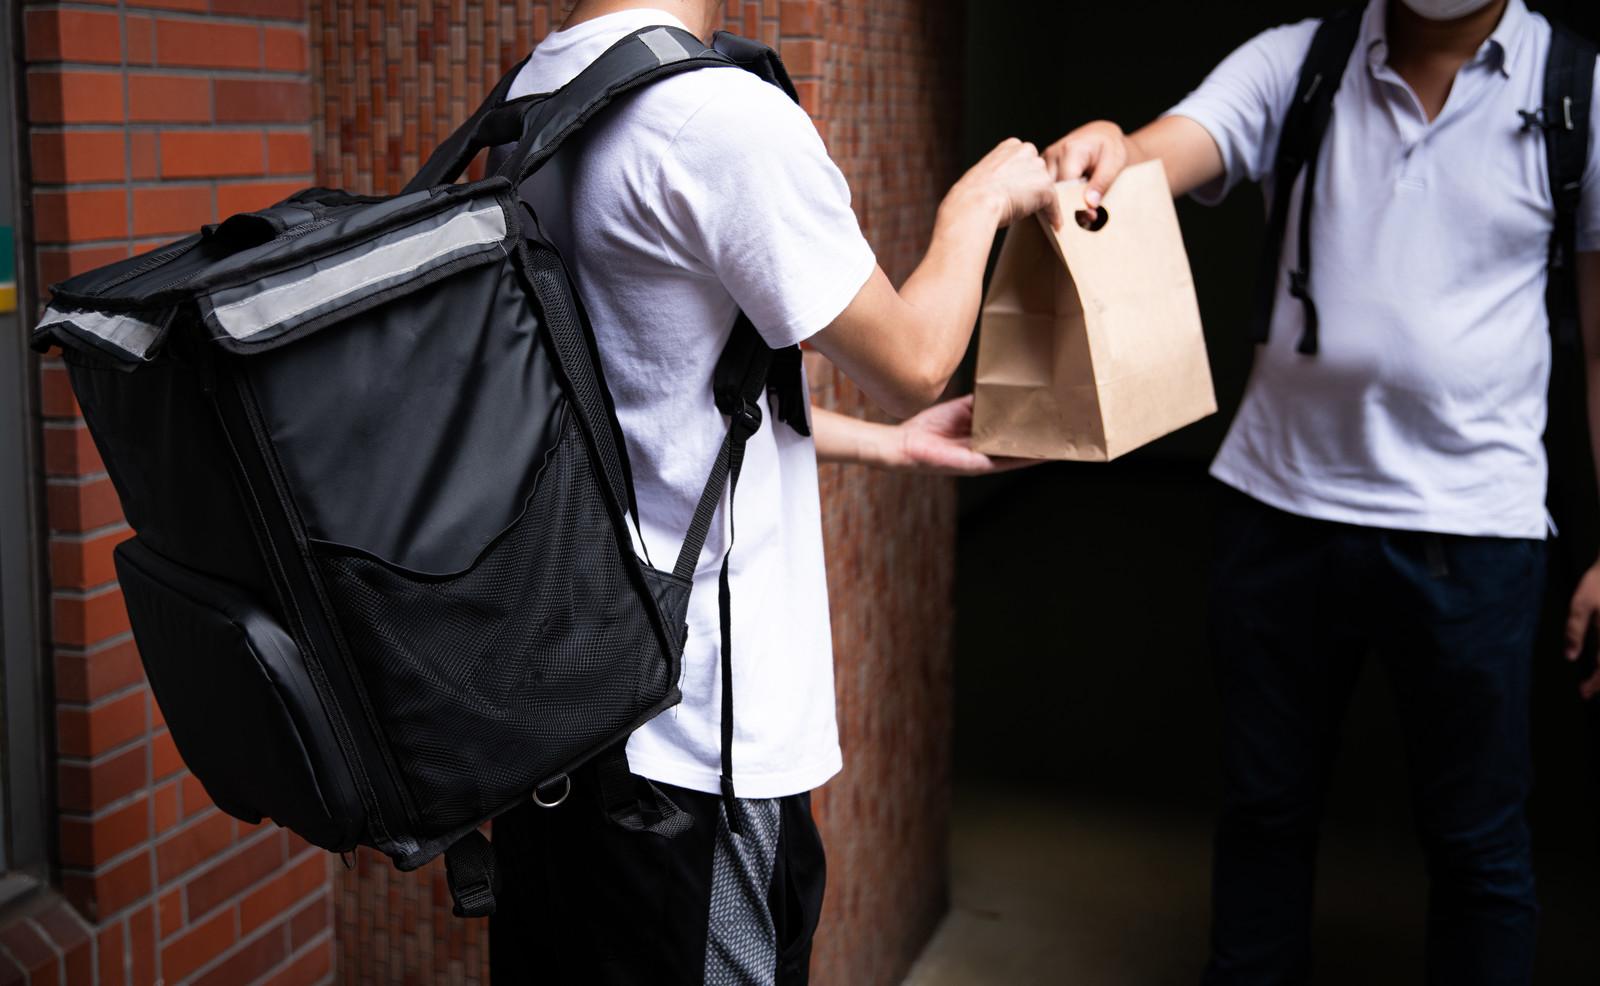 イメージ画像:玄関先で配達員より注文した商品を受け取る風景